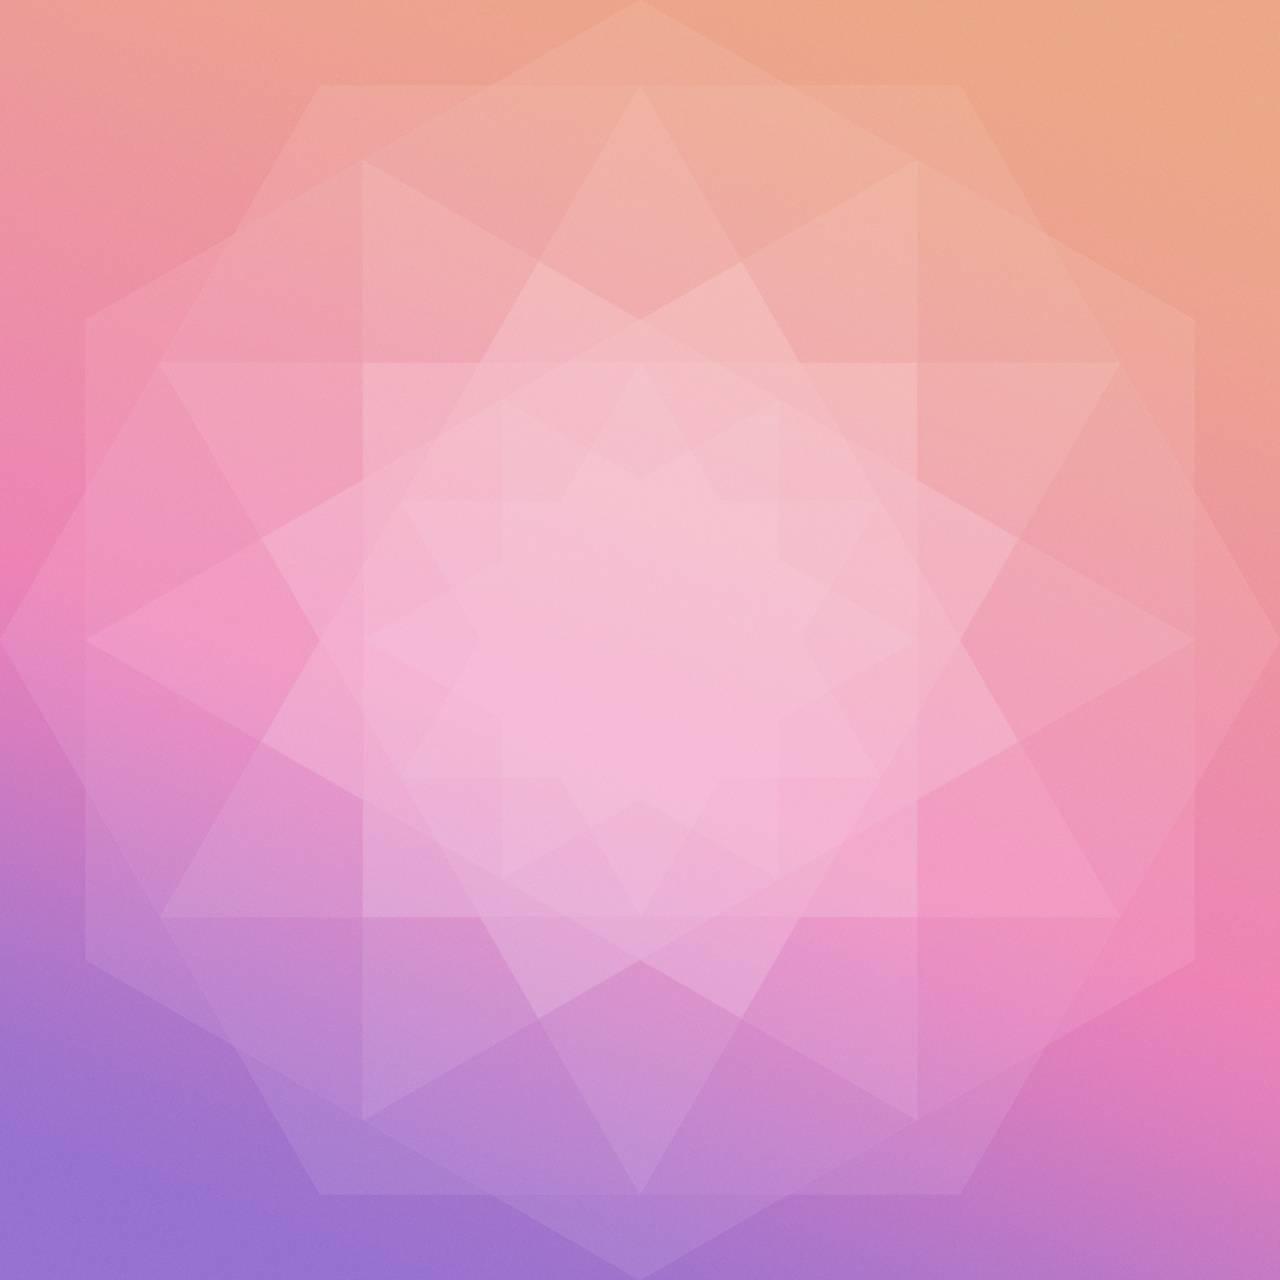 Colors Gradient